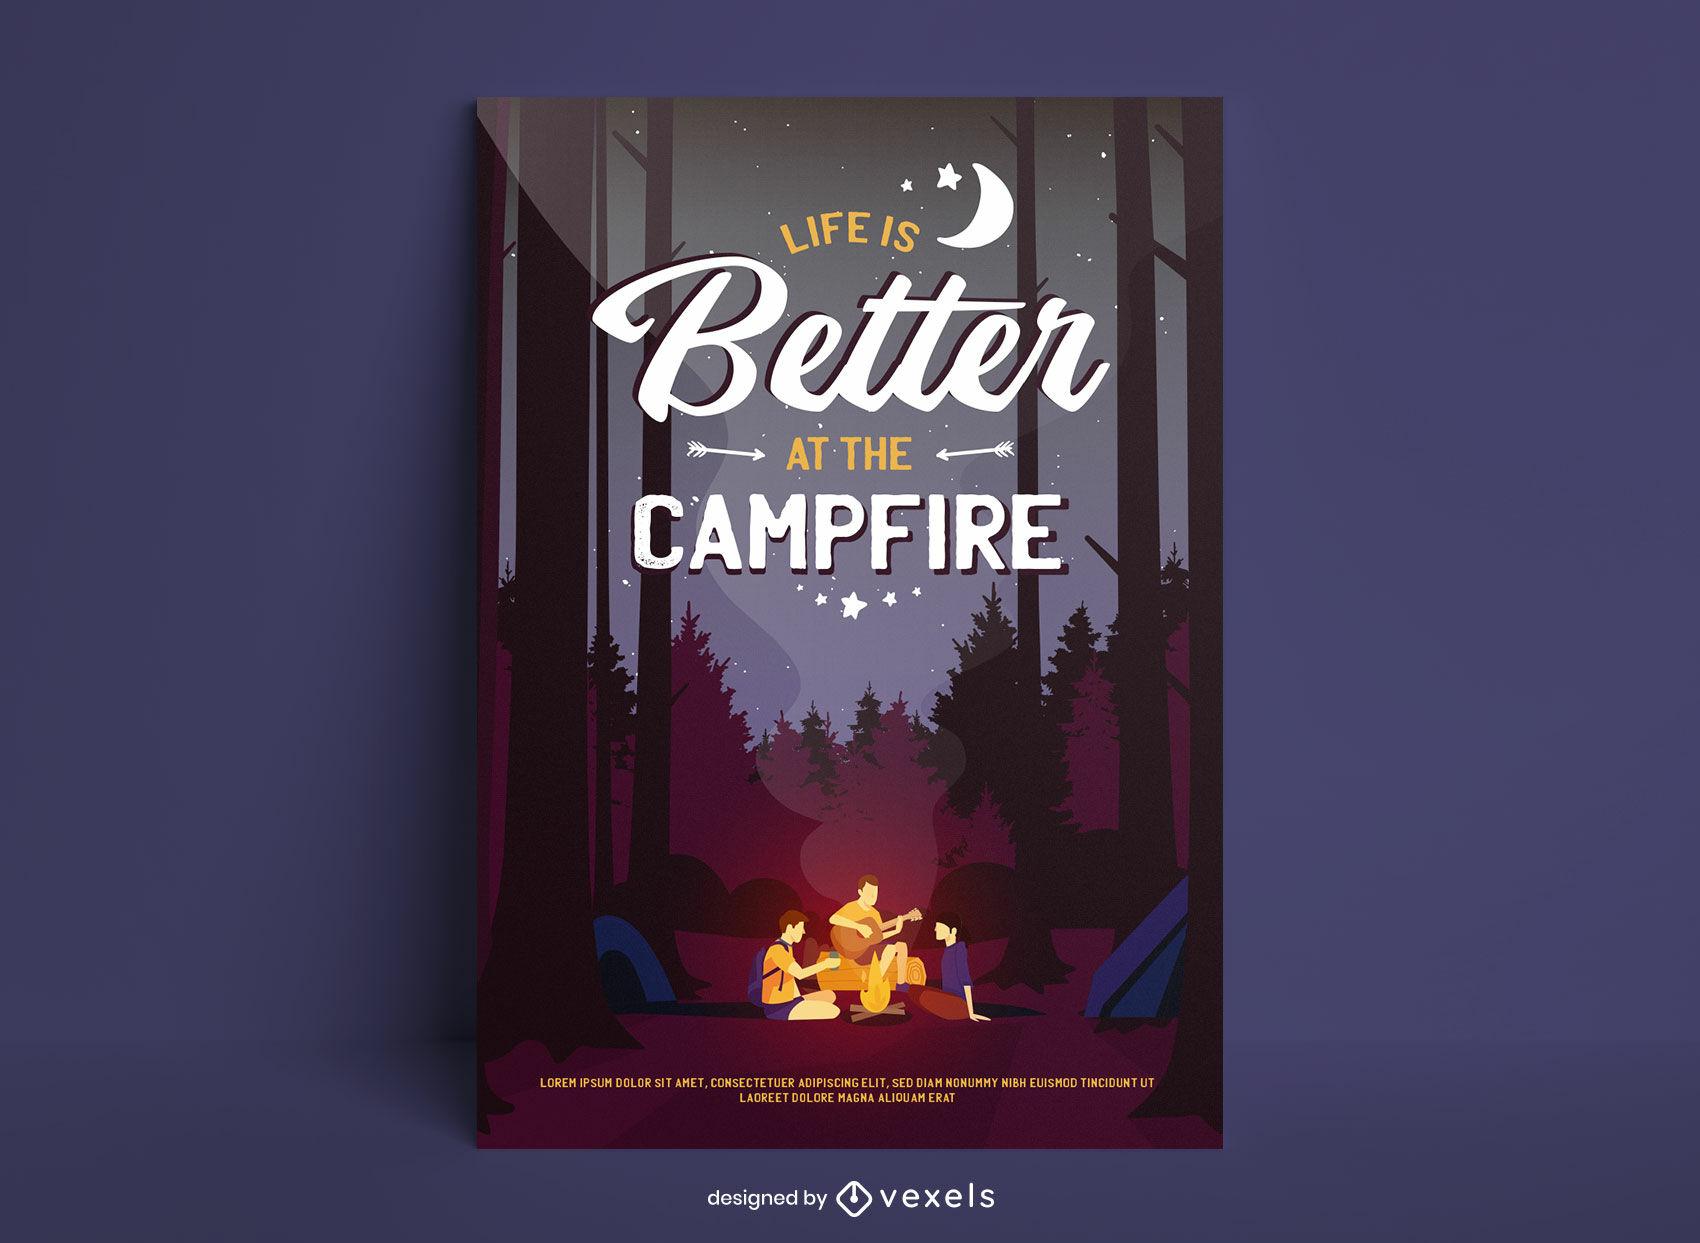 La vida es mejor en el cartel del campamento.